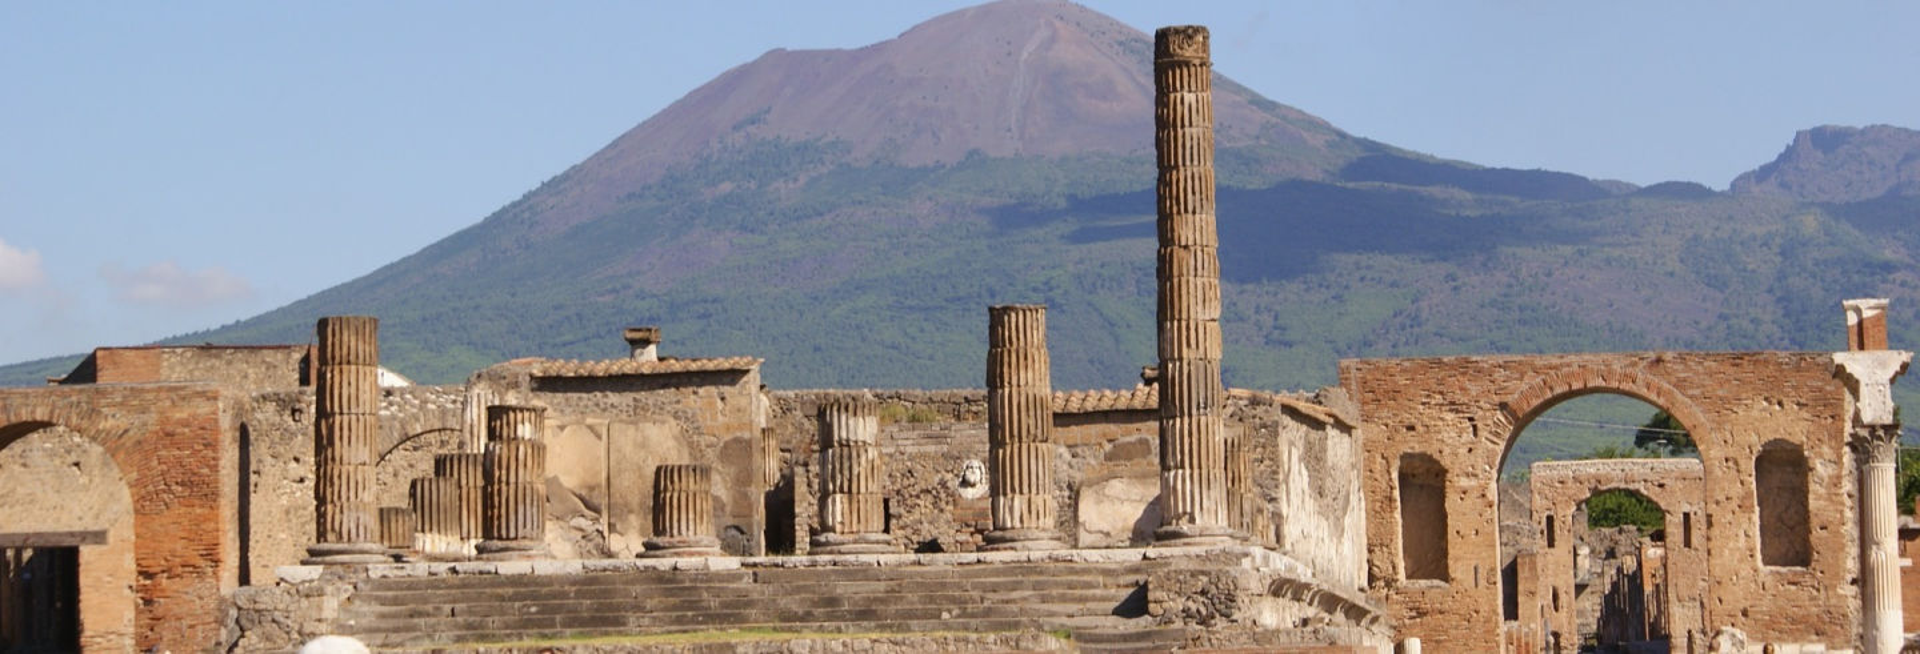 Escursione a Pompei